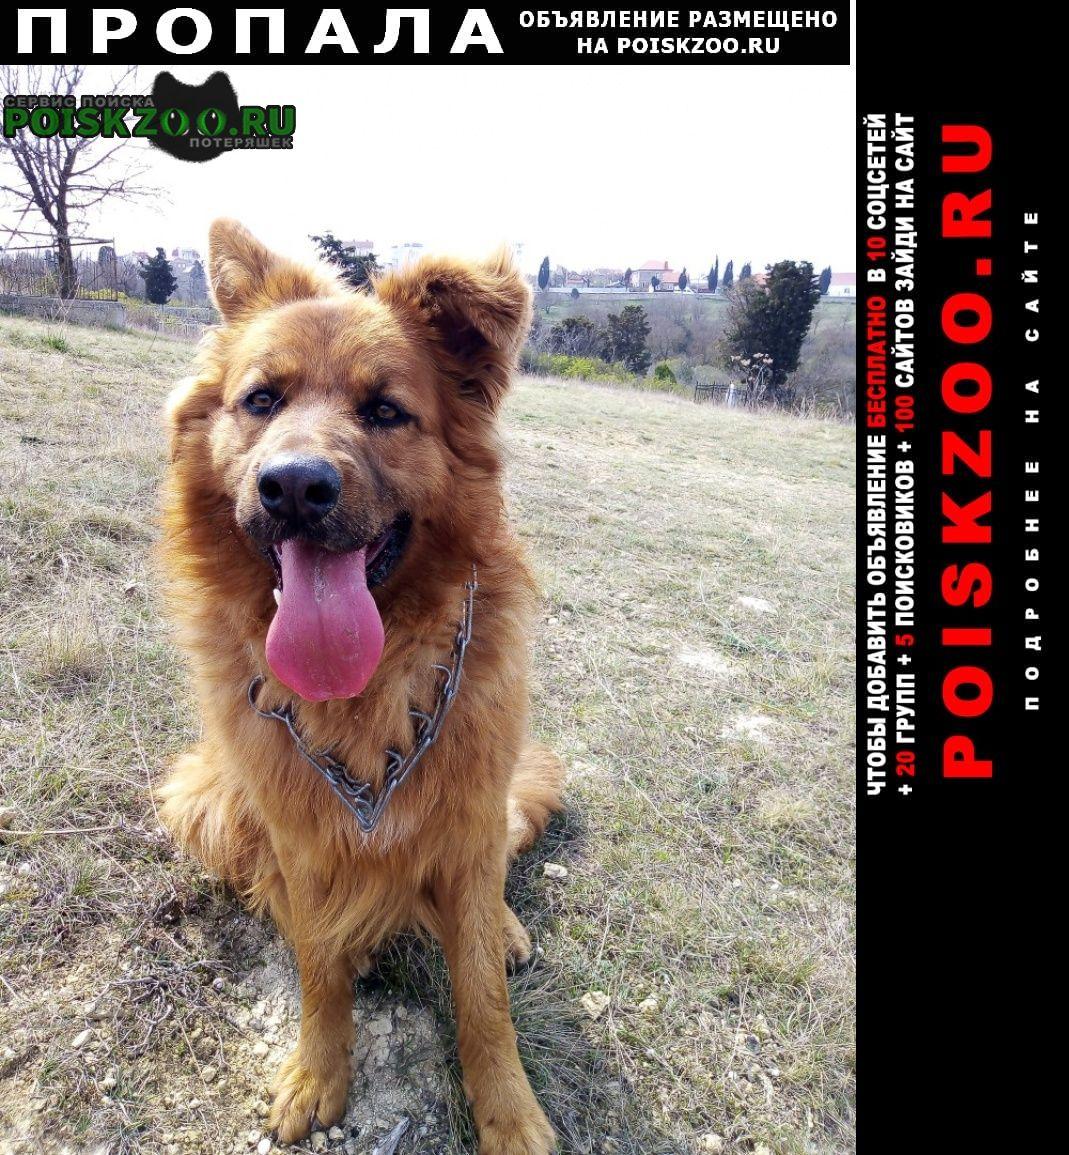 Пропала собака  помогите найти друга  Севастополь